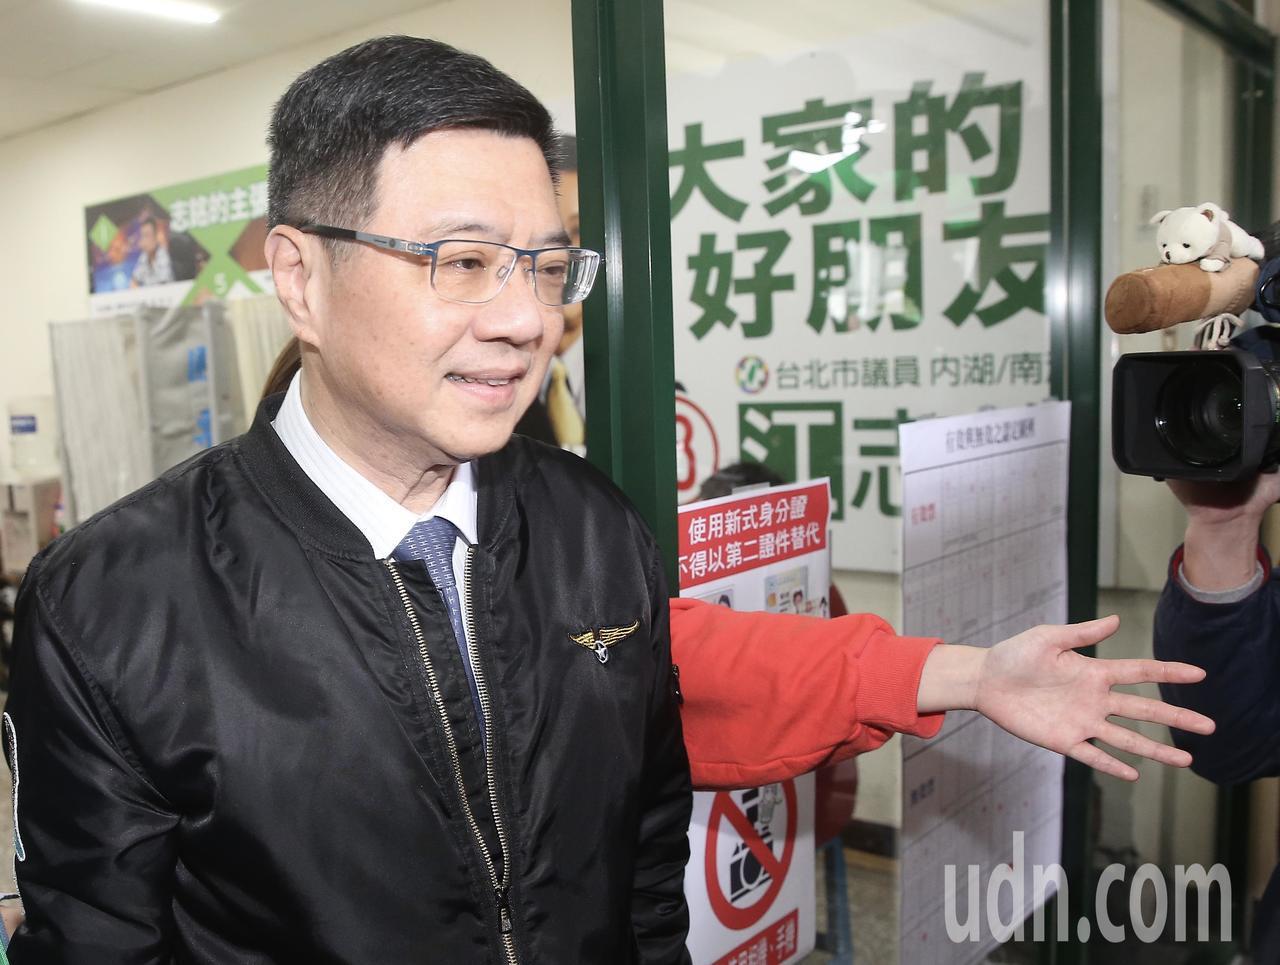 第16屆民進黨主席補選結果出爐,卓榮泰獲得24699票勝出。記者余承翰/攝影